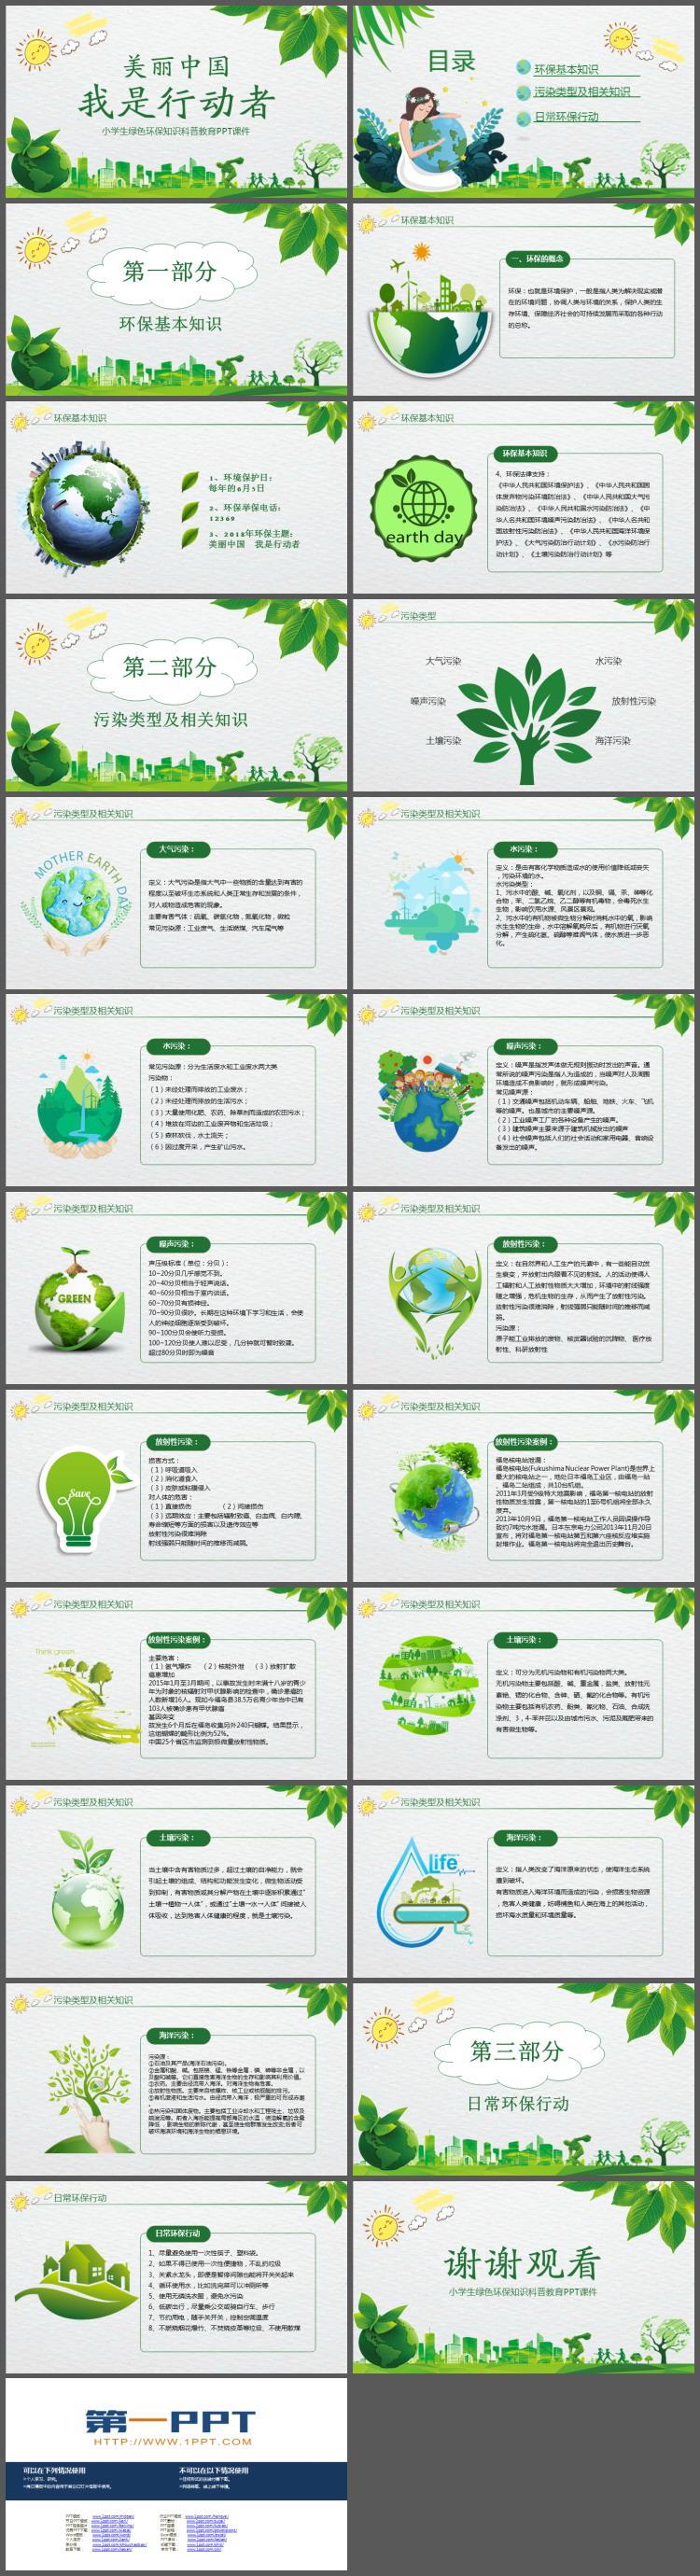 《美丽中国我是行动者》小学生绿色环保知识科普教育PPT课件